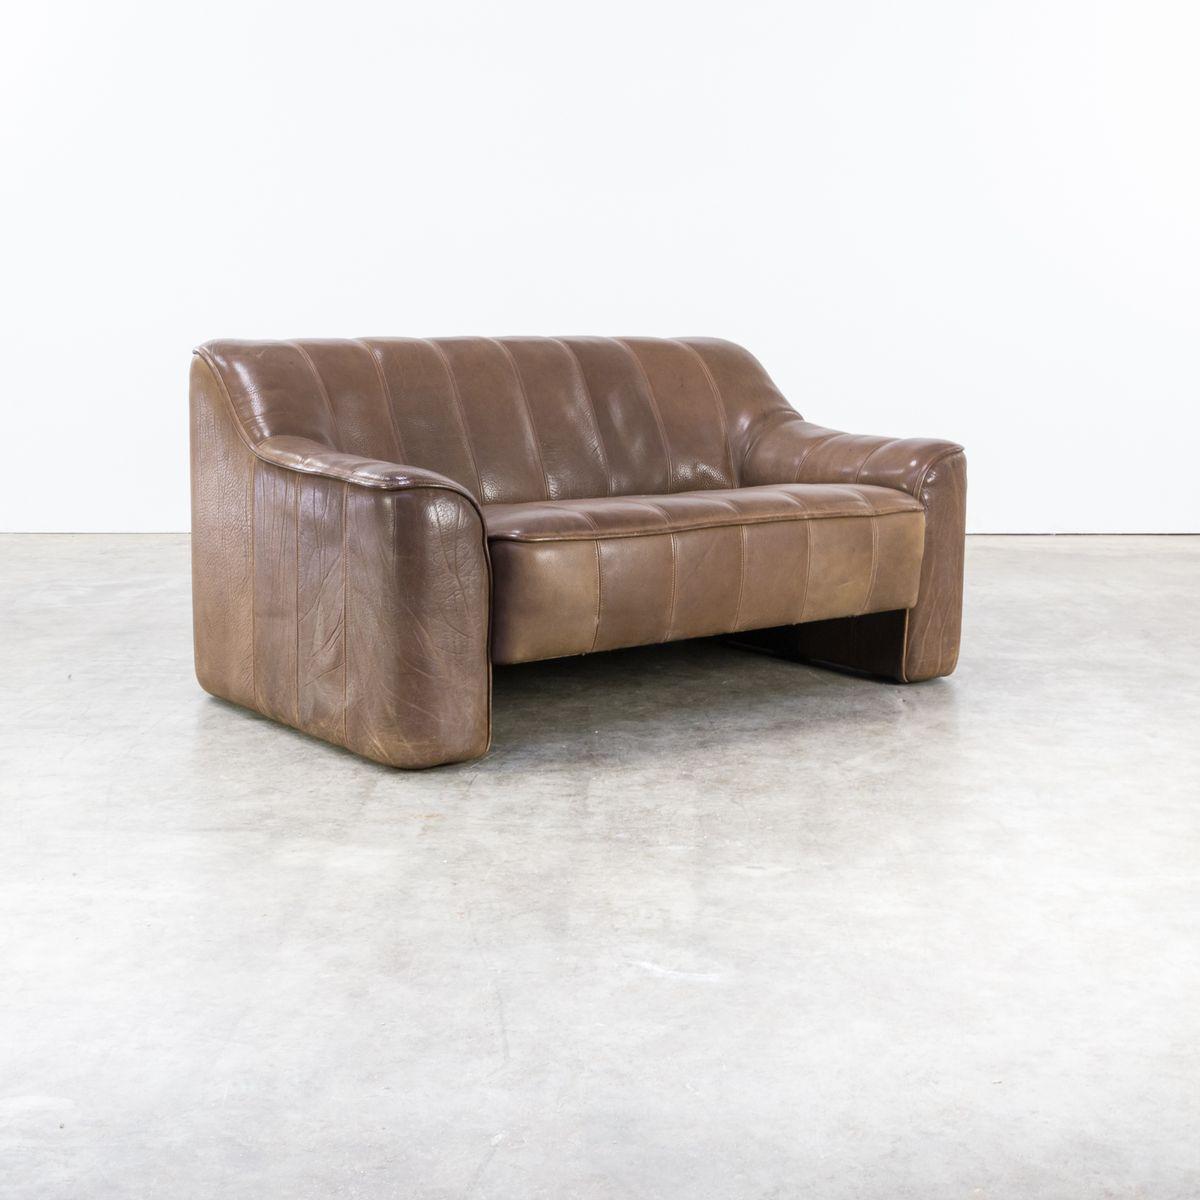 ds44 2 sitzer sofa mit verstellbarem sitz von de sede 1970er bei pamono kaufen. Black Bedroom Furniture Sets. Home Design Ideas